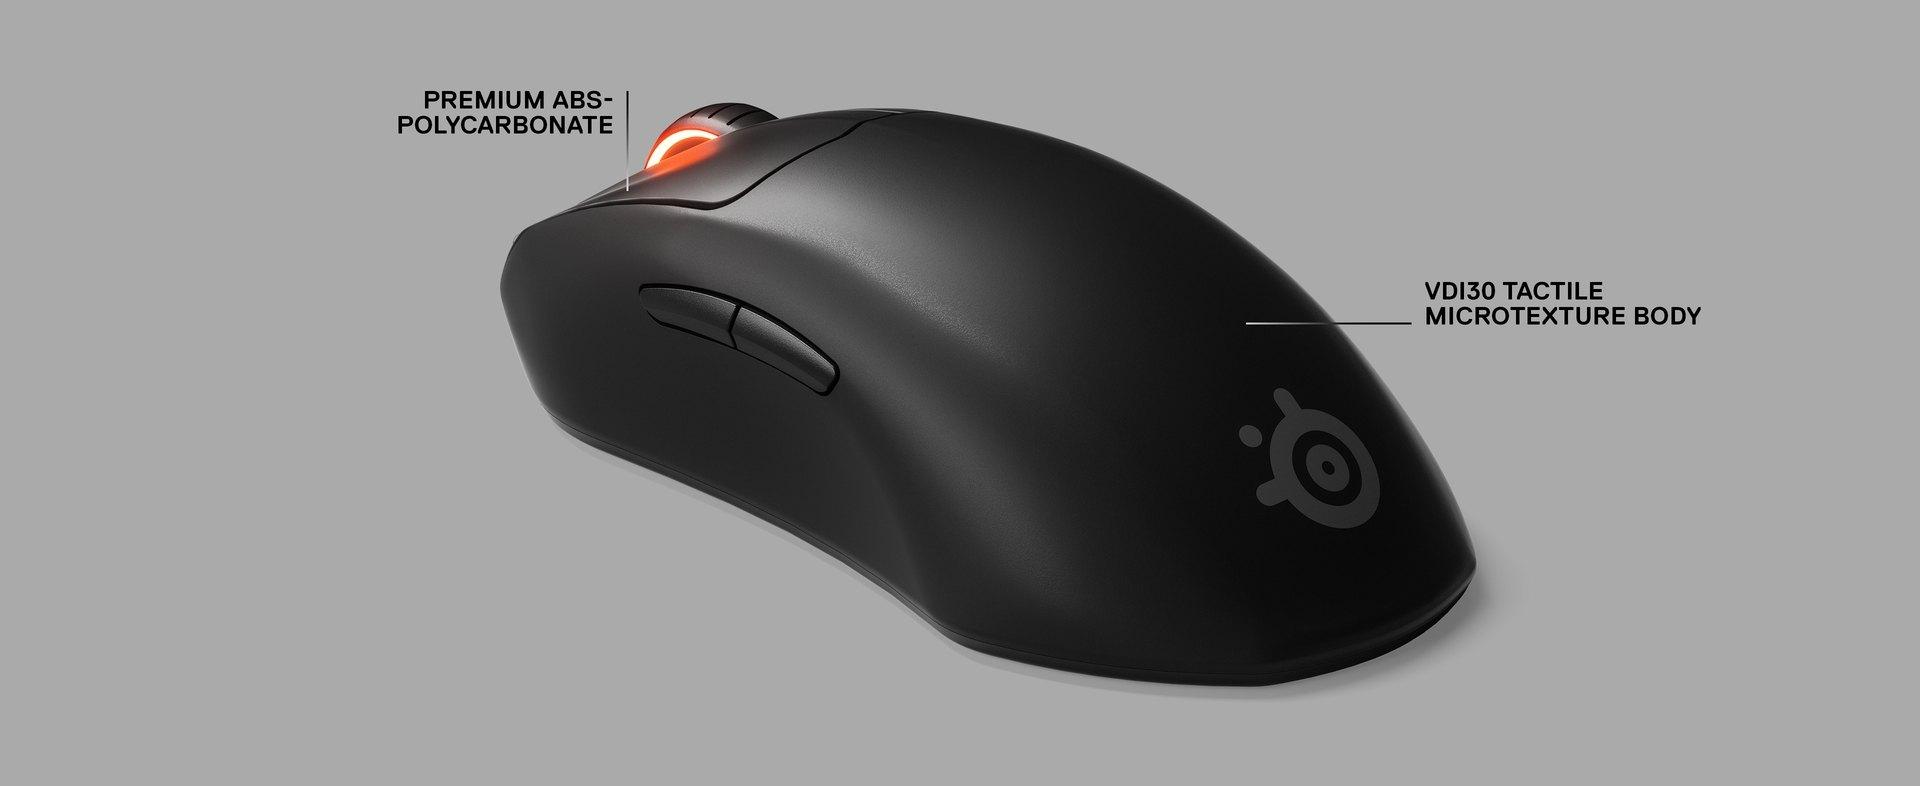 滑鼠特寫與兩個標籤,各為靠近按鍵處「優質 ABS-聚碳酸酯」,以及靠近掌托處的「VDI30 觸覺粗質紋理本體」。